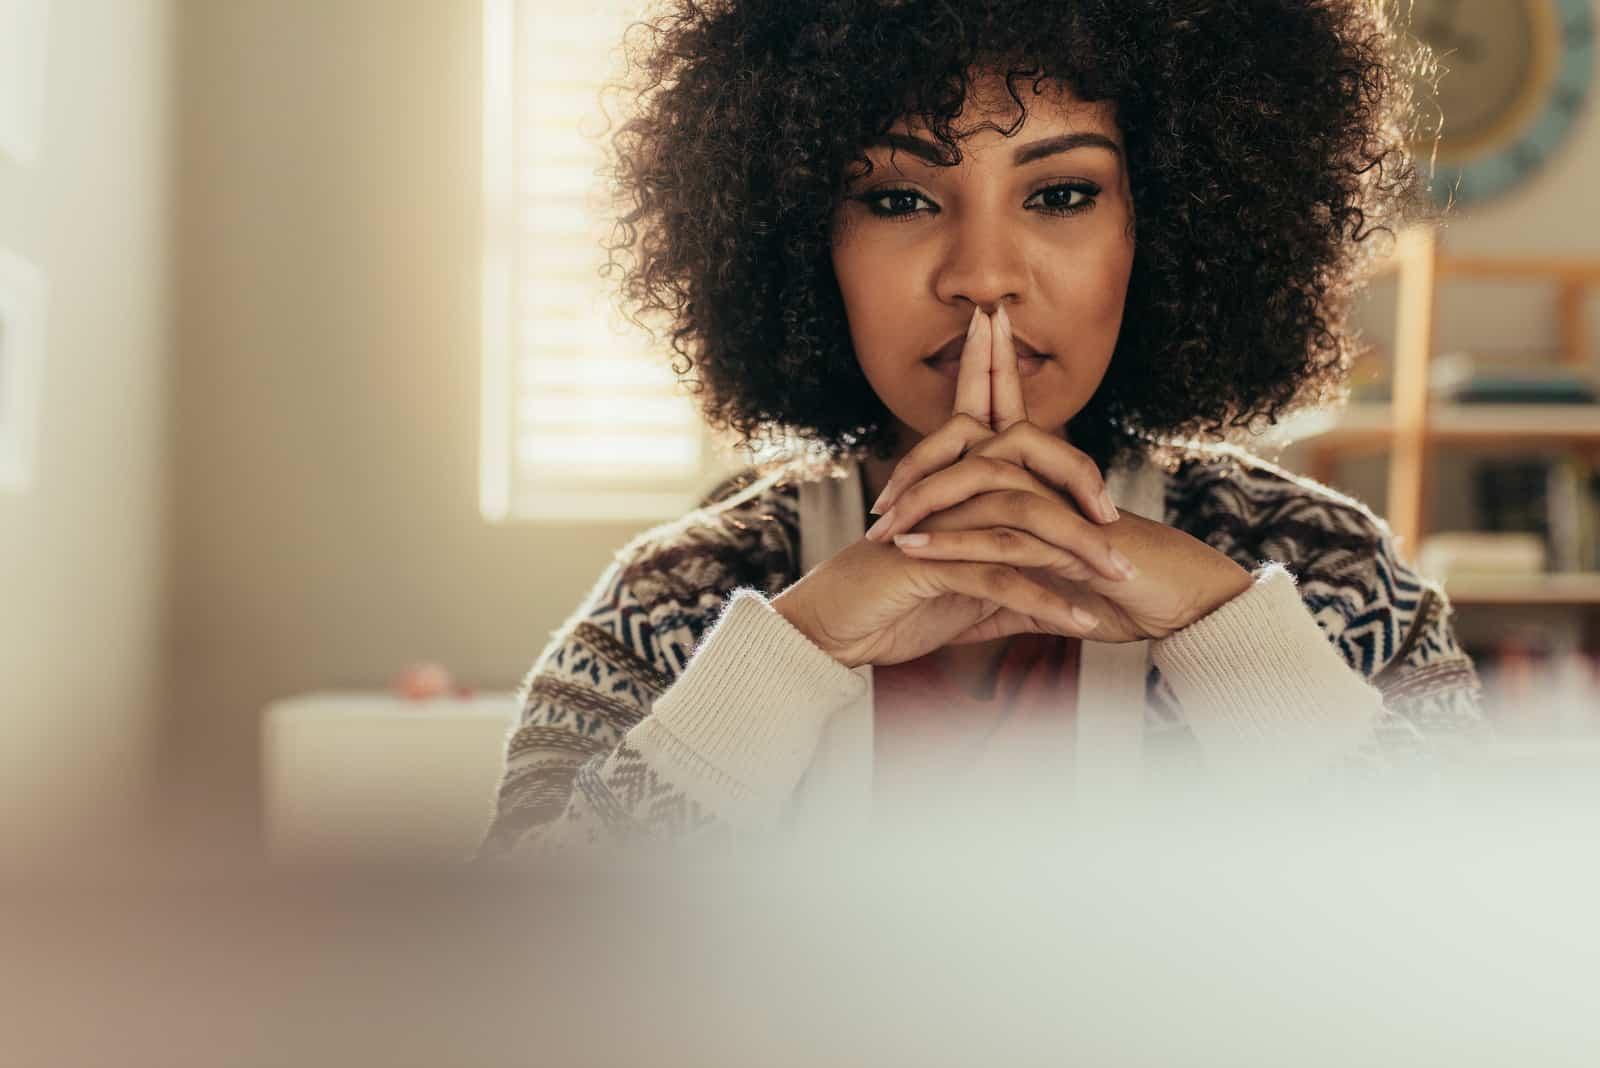 Eine schöne schwarze Frau sitzt an ihrem Schreibtisch und denkt nach